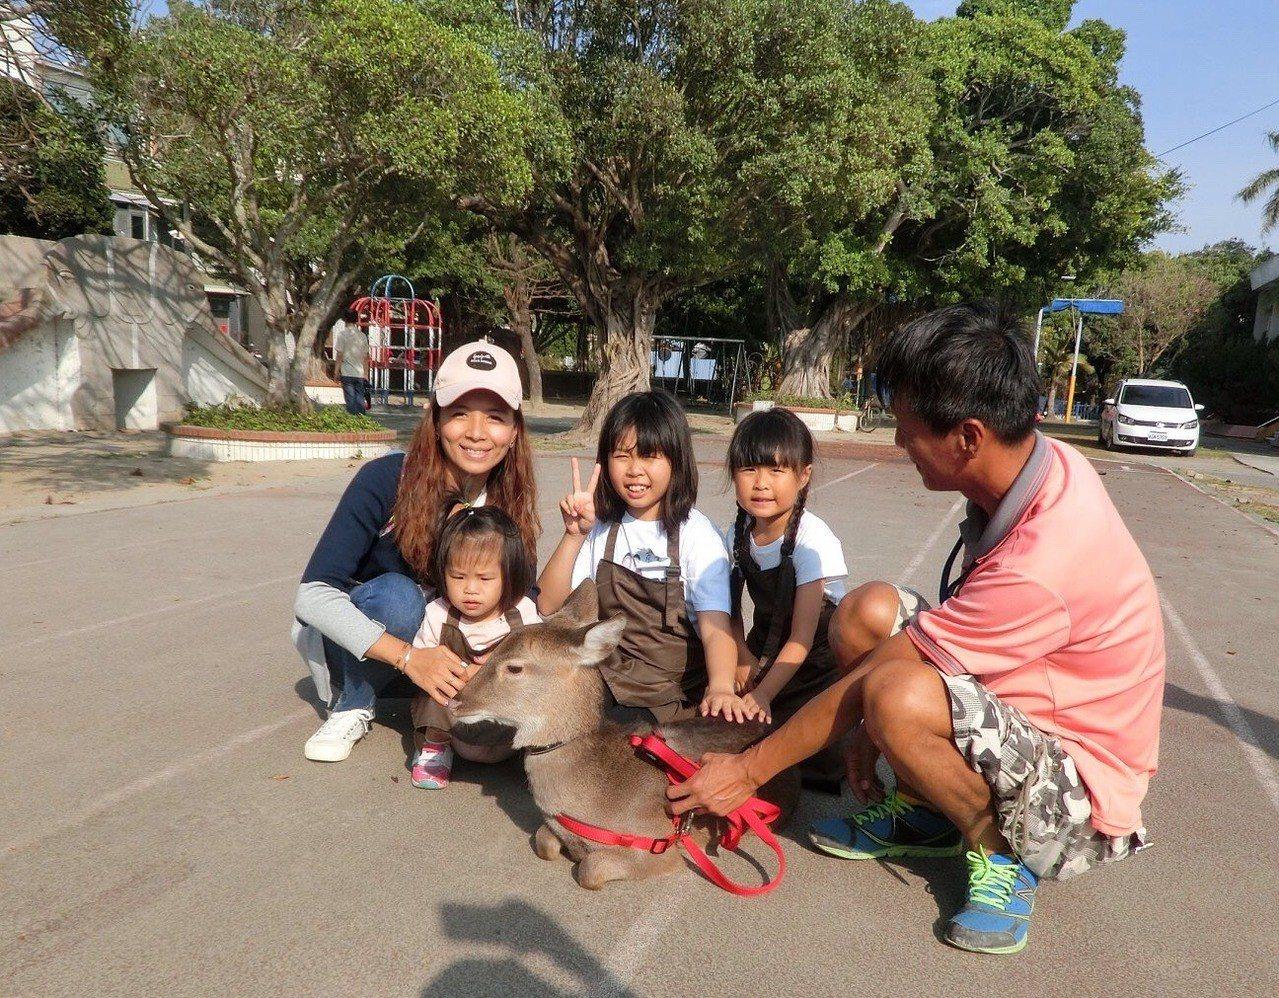 打造如日本奈良公園,台南佳里漳社區小鹿是社區小旅行最受遊客歡迎的。圖/漳洲社區提...